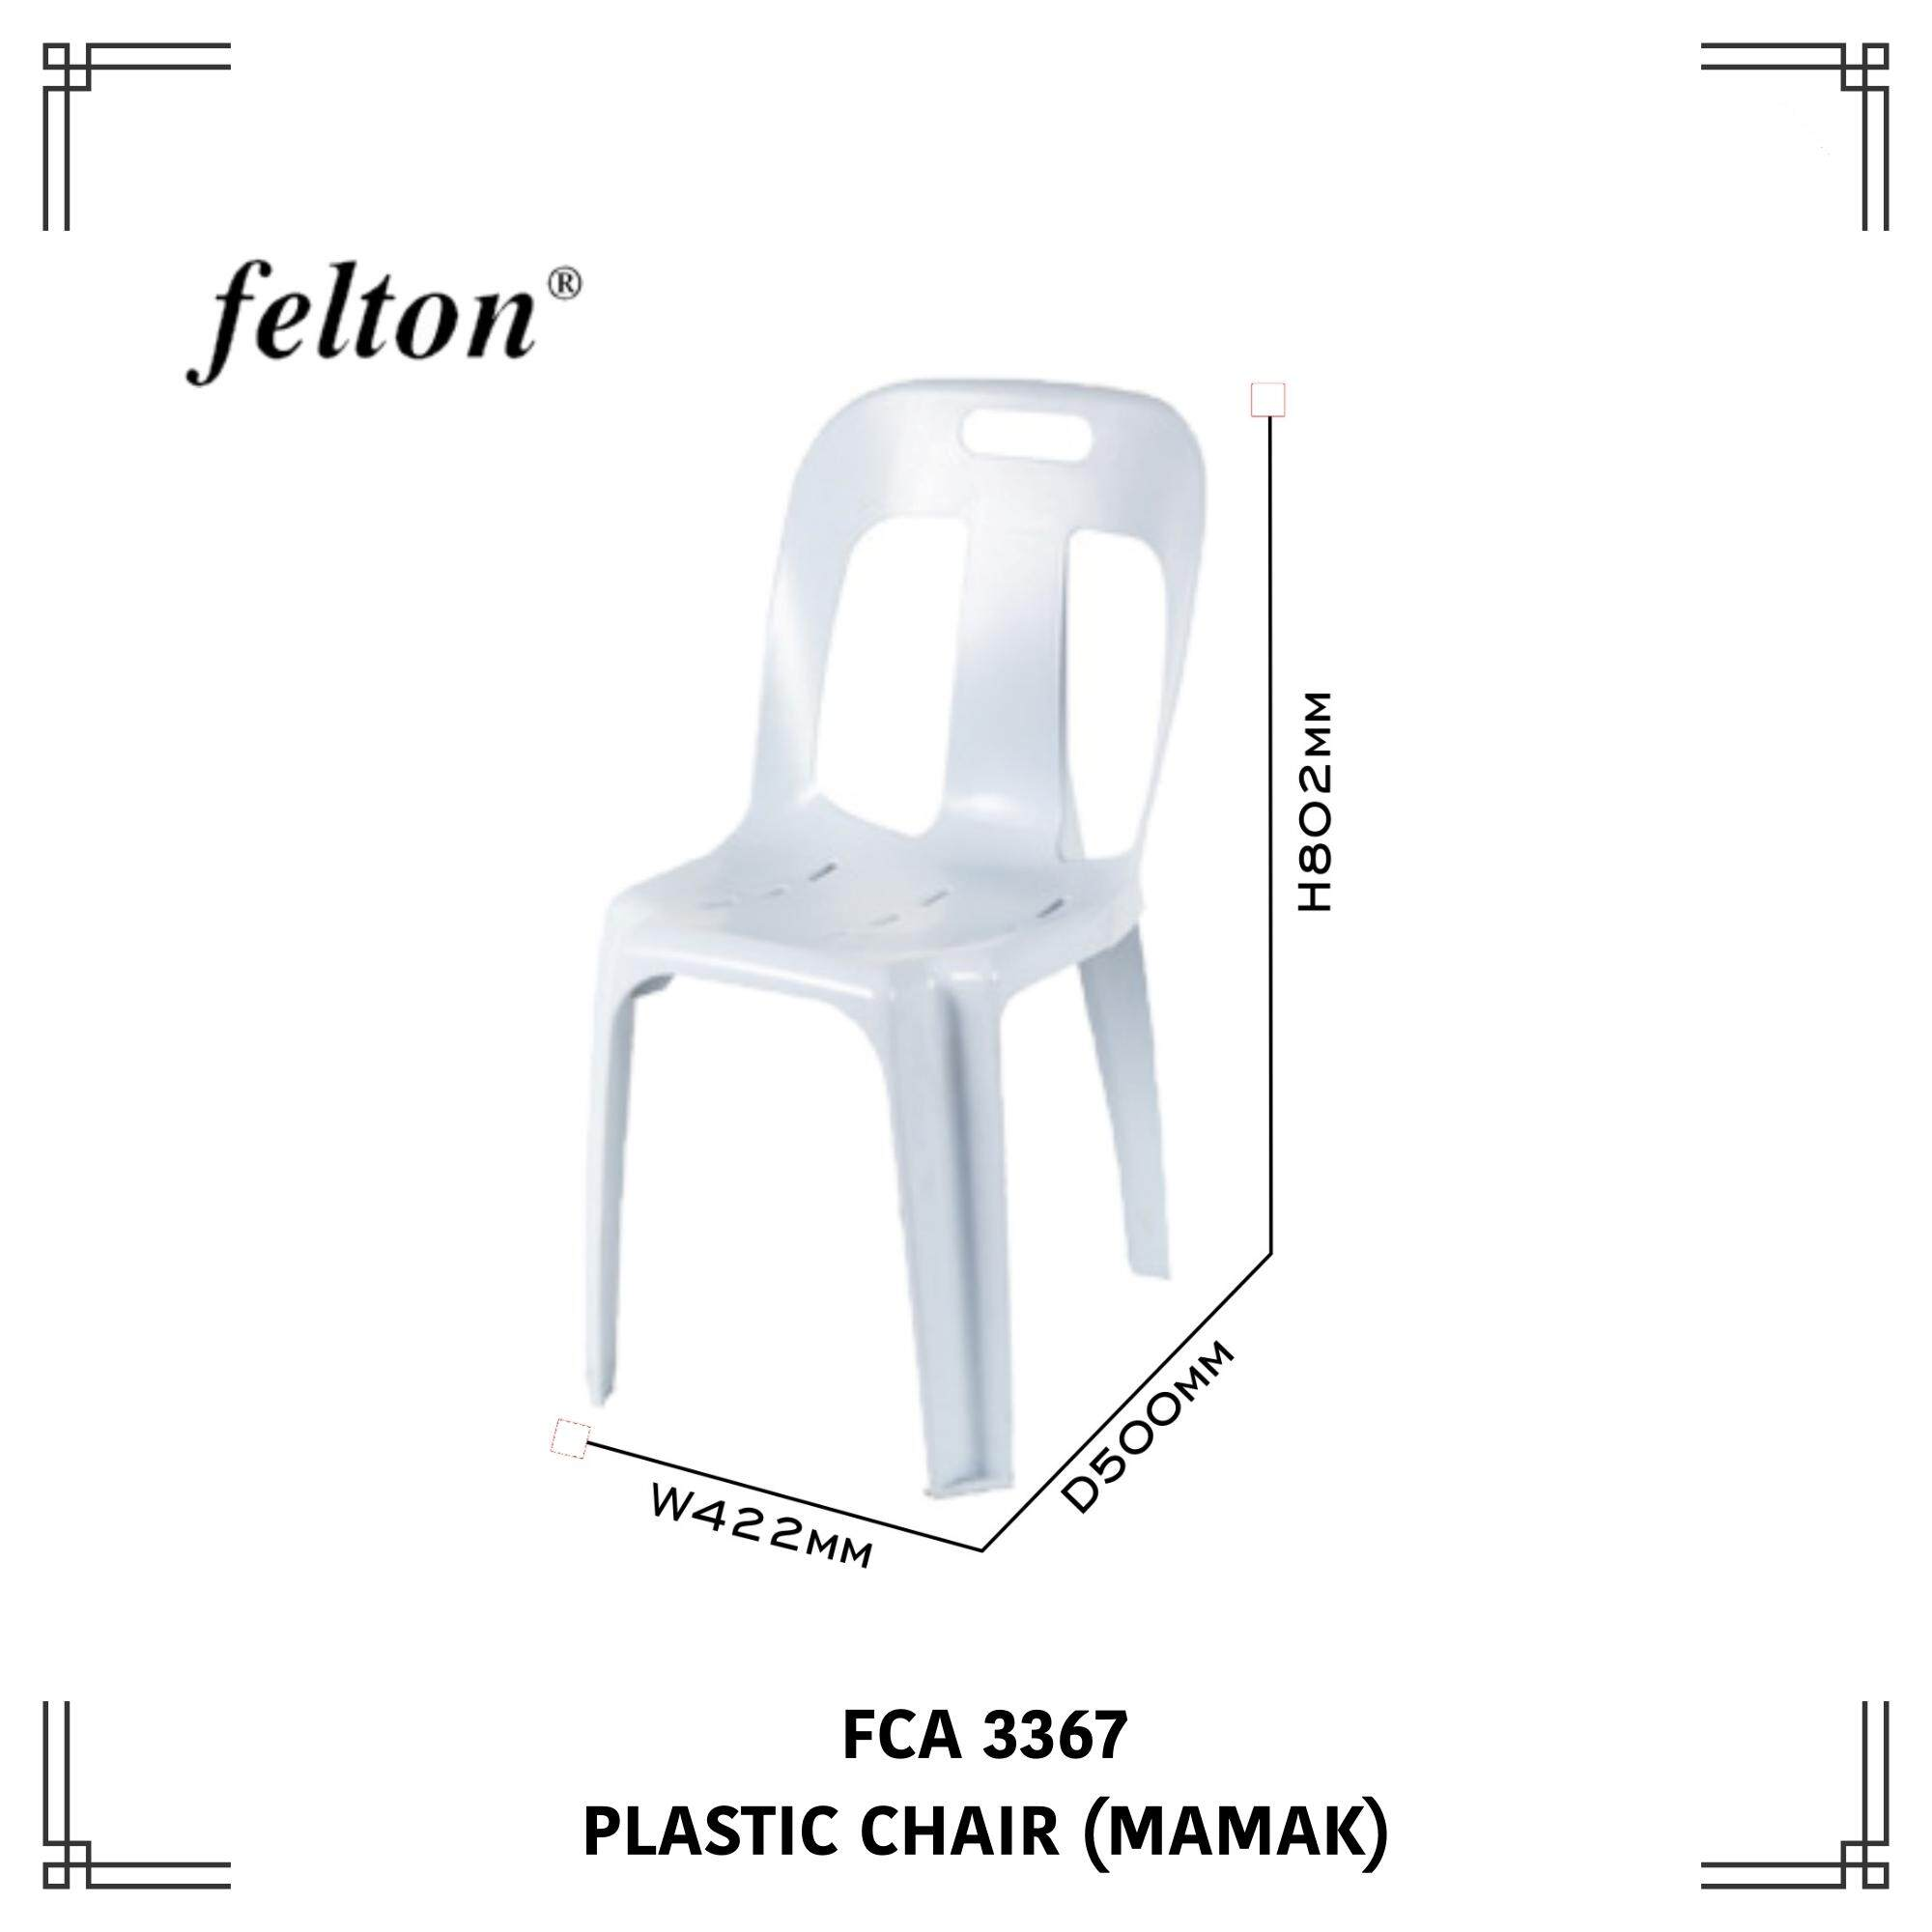 เช่าเก้าอี้ เชียงใหม่ เฟลตัน FCA 3367 เก้าอี้พลาสติก 3367-Mamak